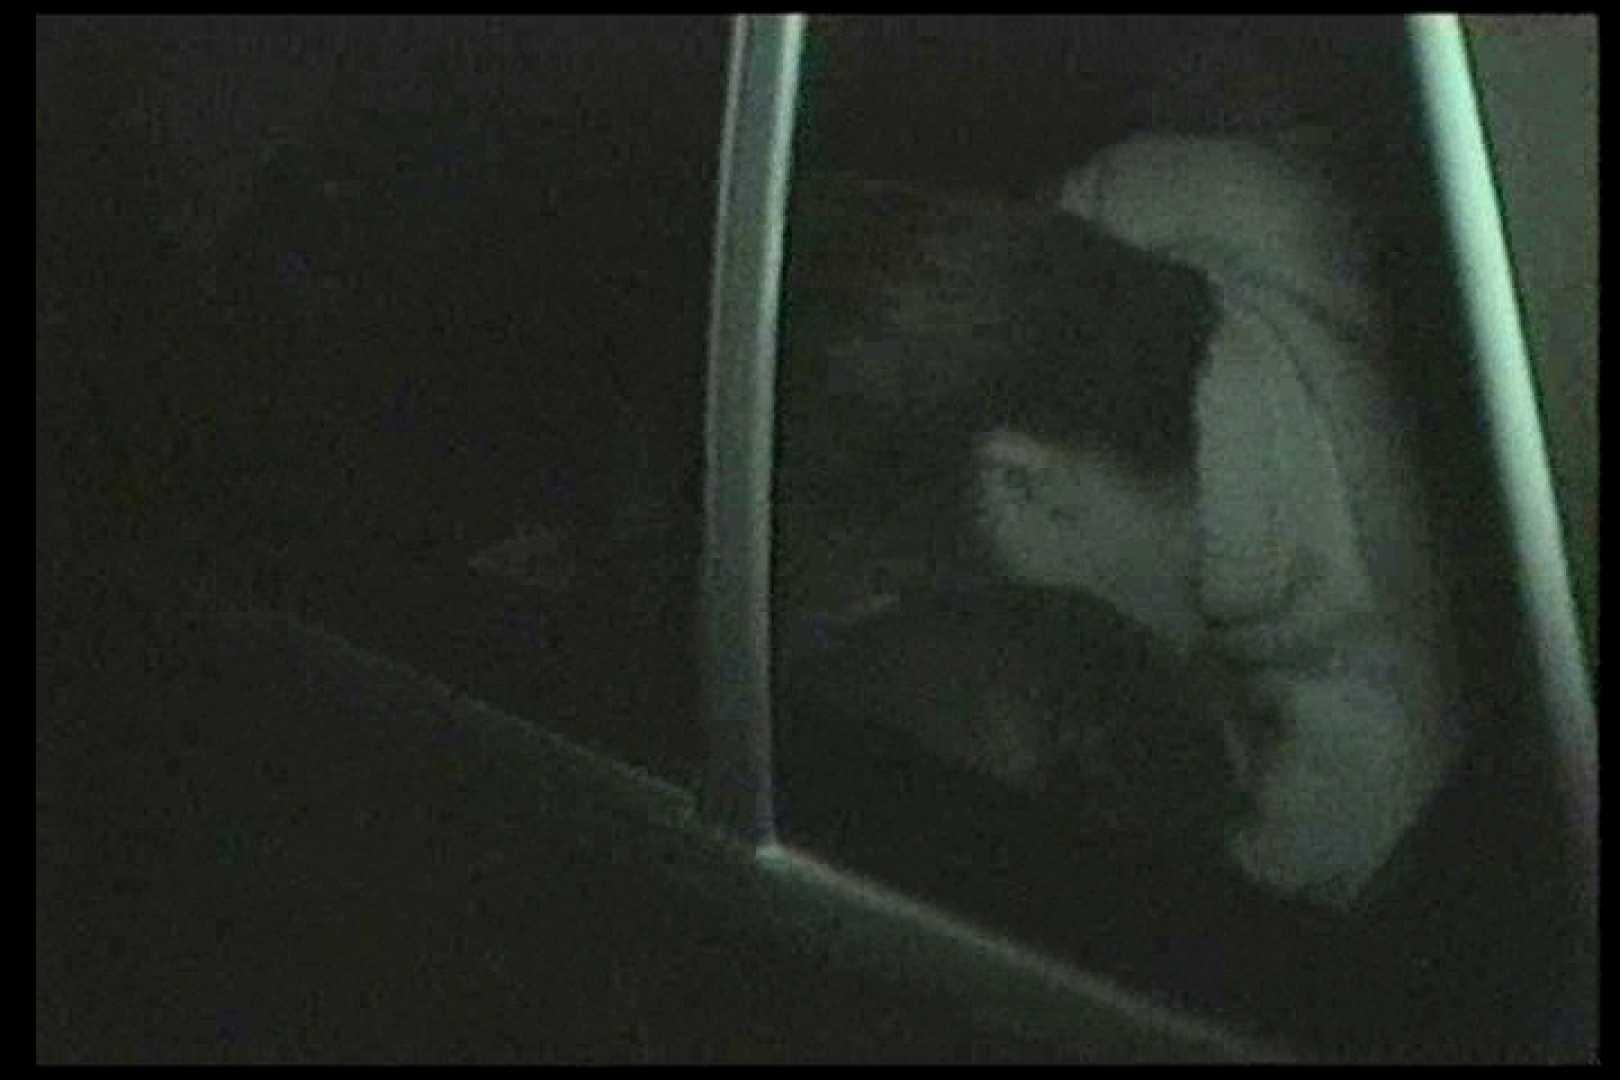 カーセックス未編集・無修正版 Vol.7前編 車の中のカップル アダルト動画キャプチャ 106画像 106